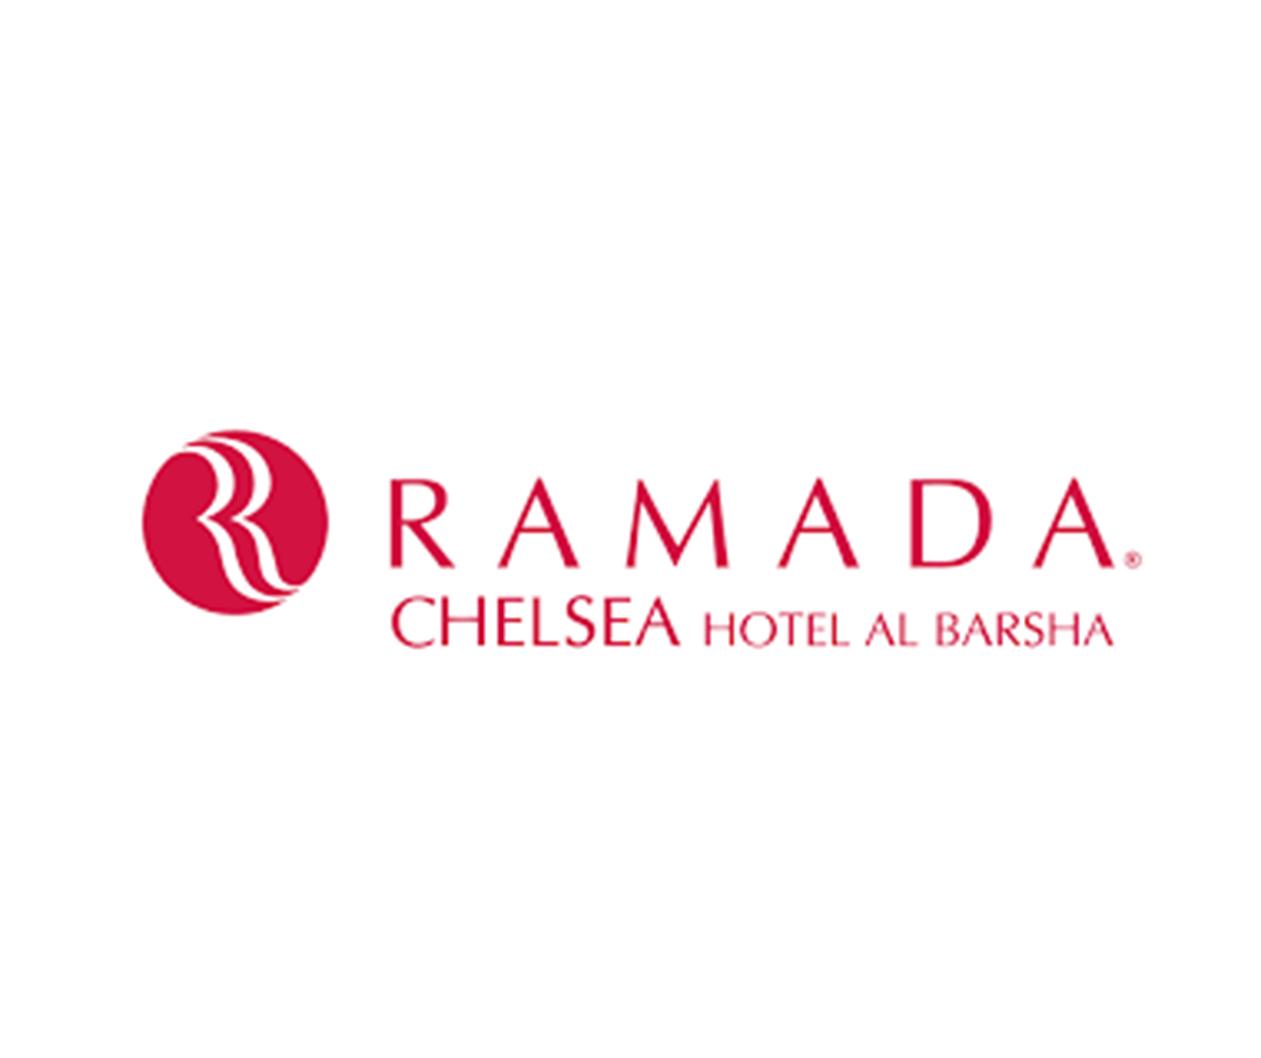 TRAX Ramada